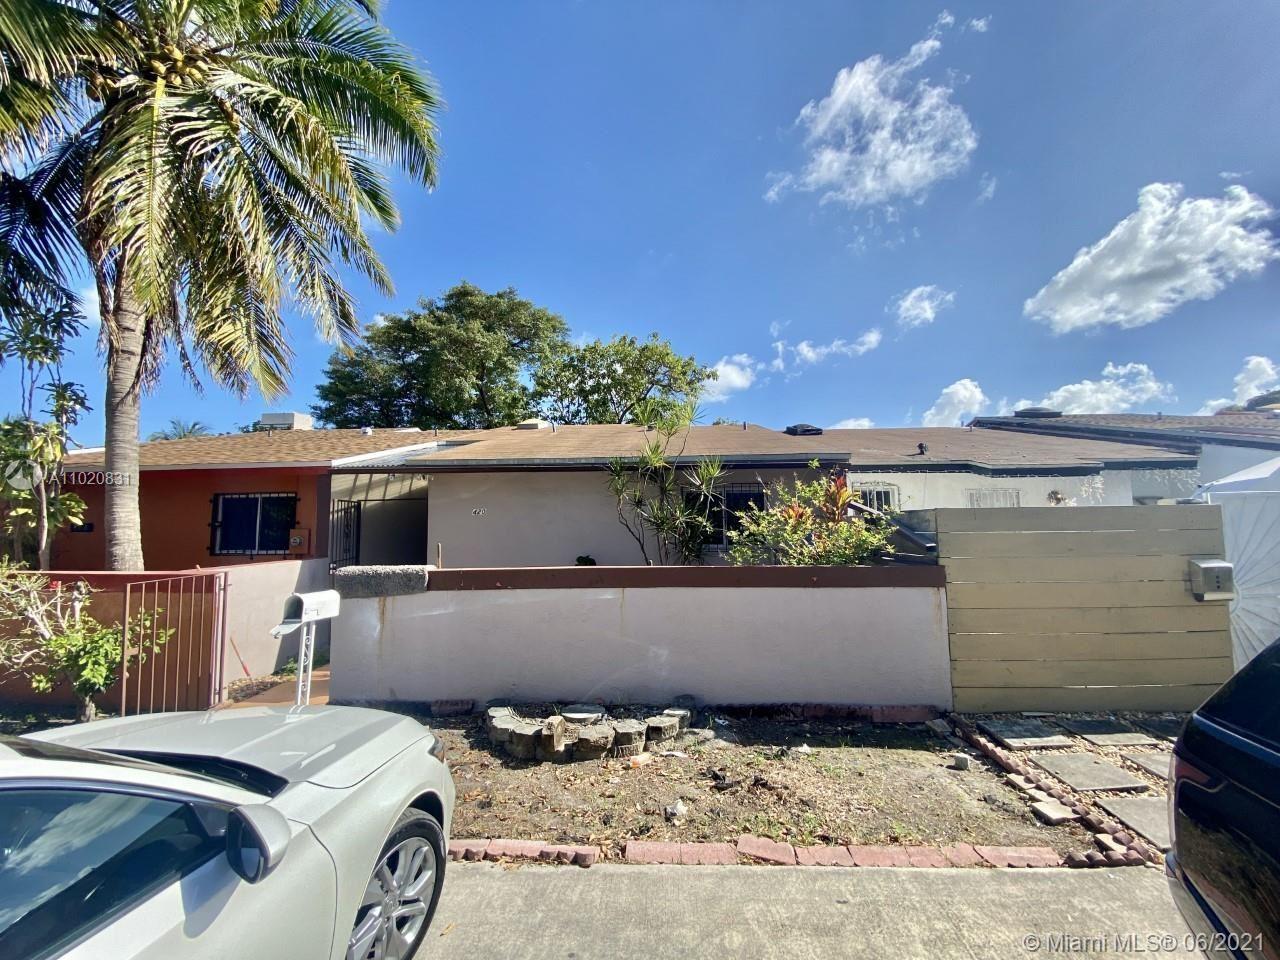 420 NW 8th St #420, Miami, FL 33136 - #: A11020831